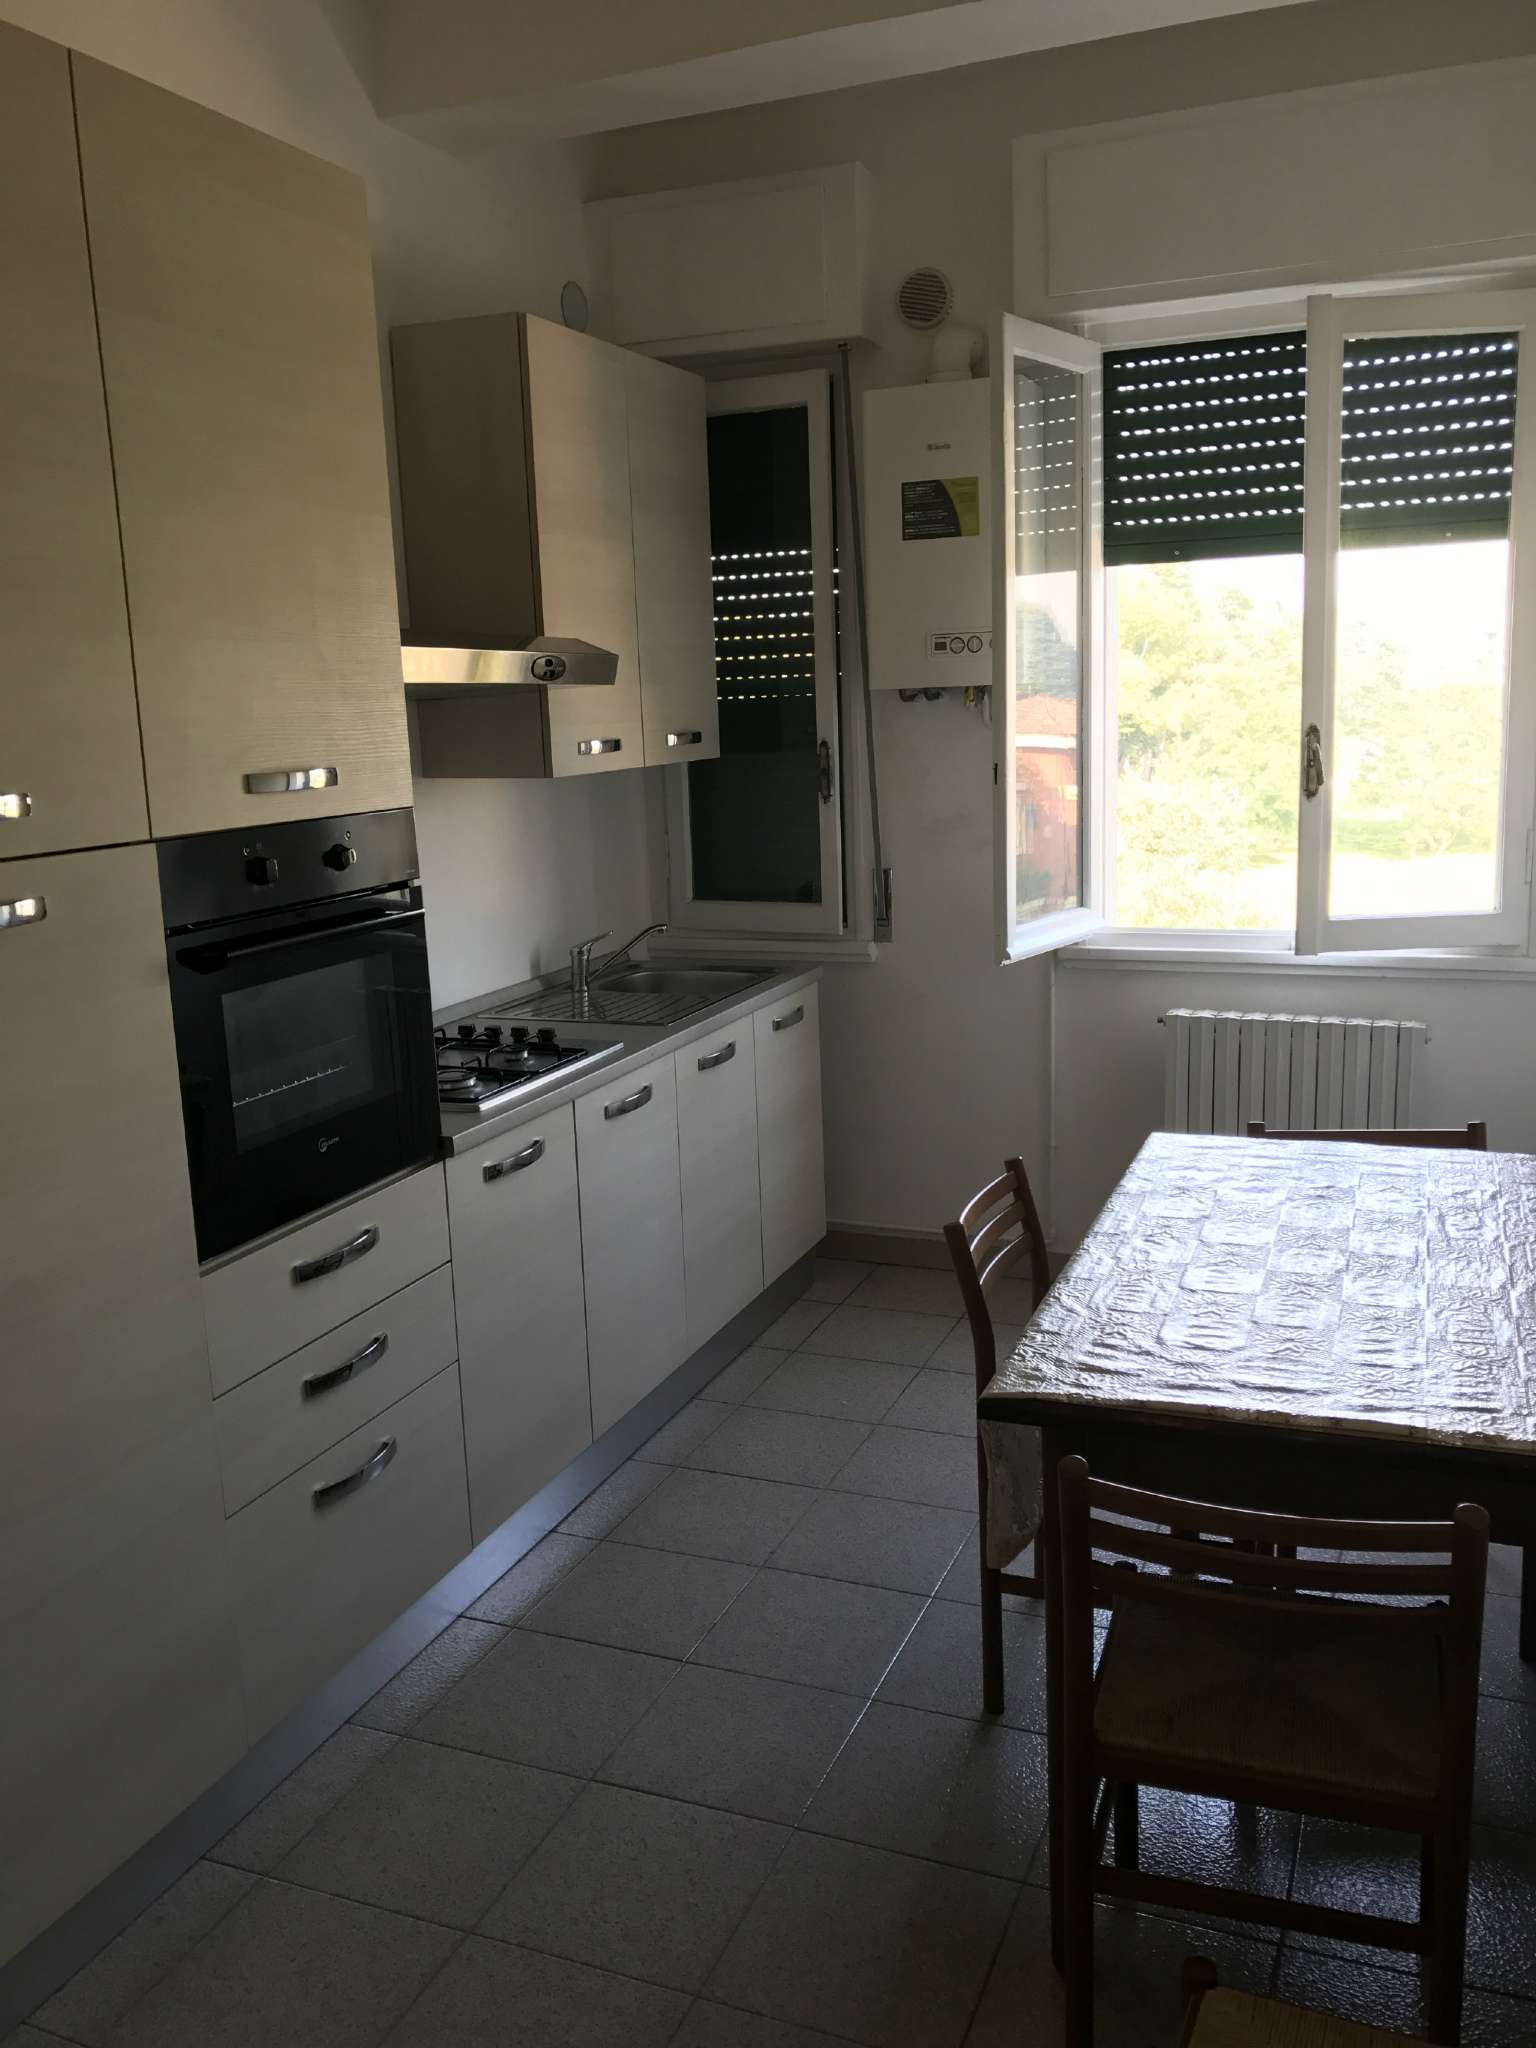 Appartamento in vendita a Gorgonzola, 2 locali, prezzo € 69.000 | CambioCasa.it